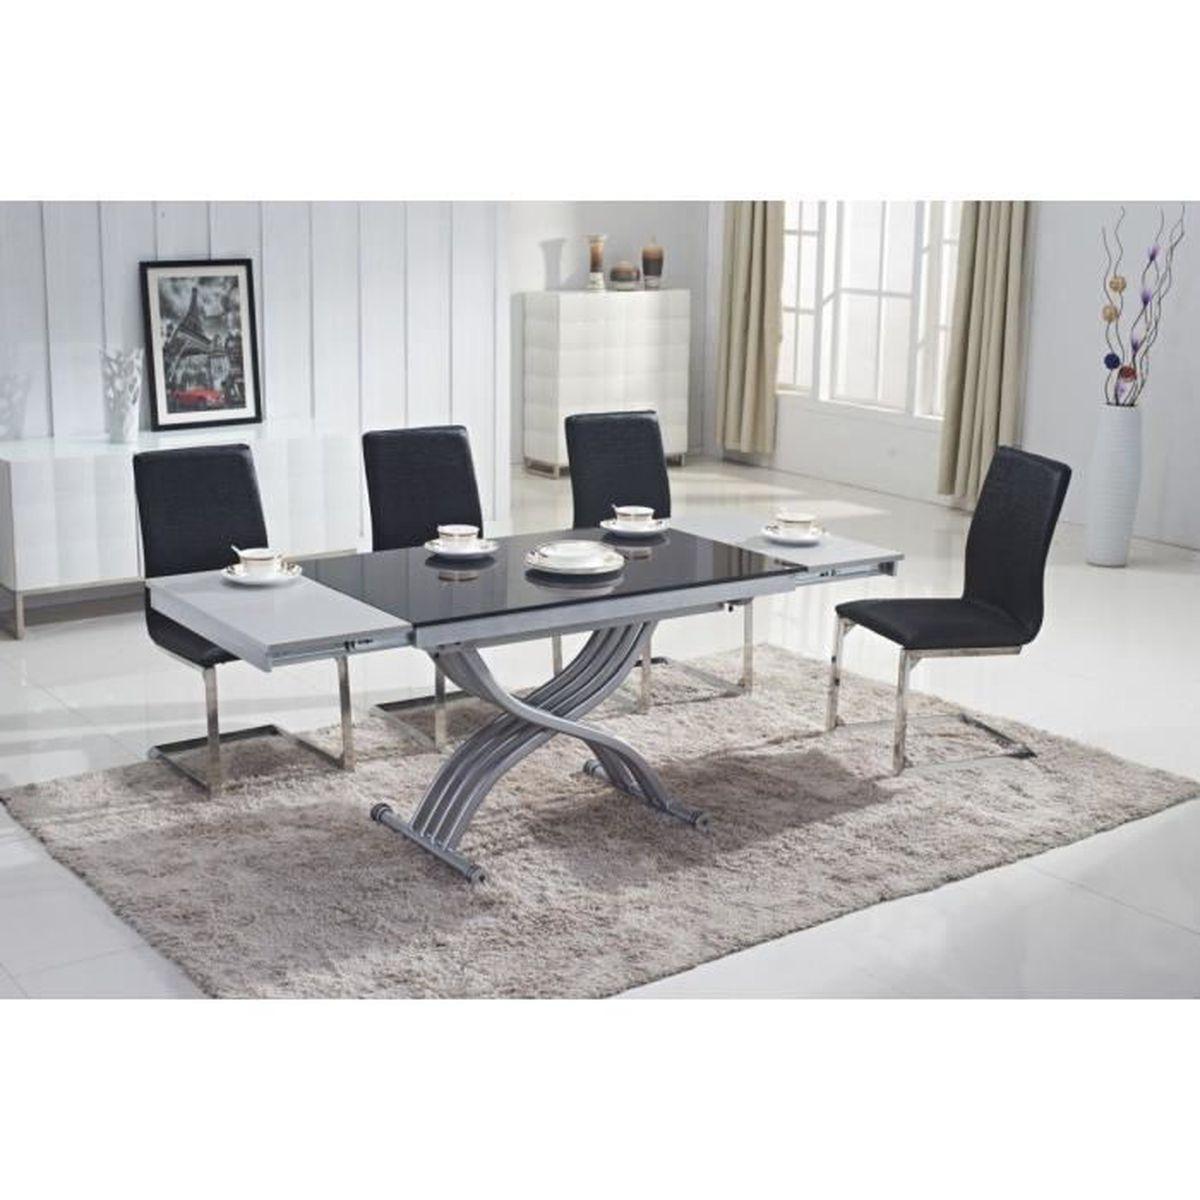 Table En Verre Noir Avec Rallonge Extensible